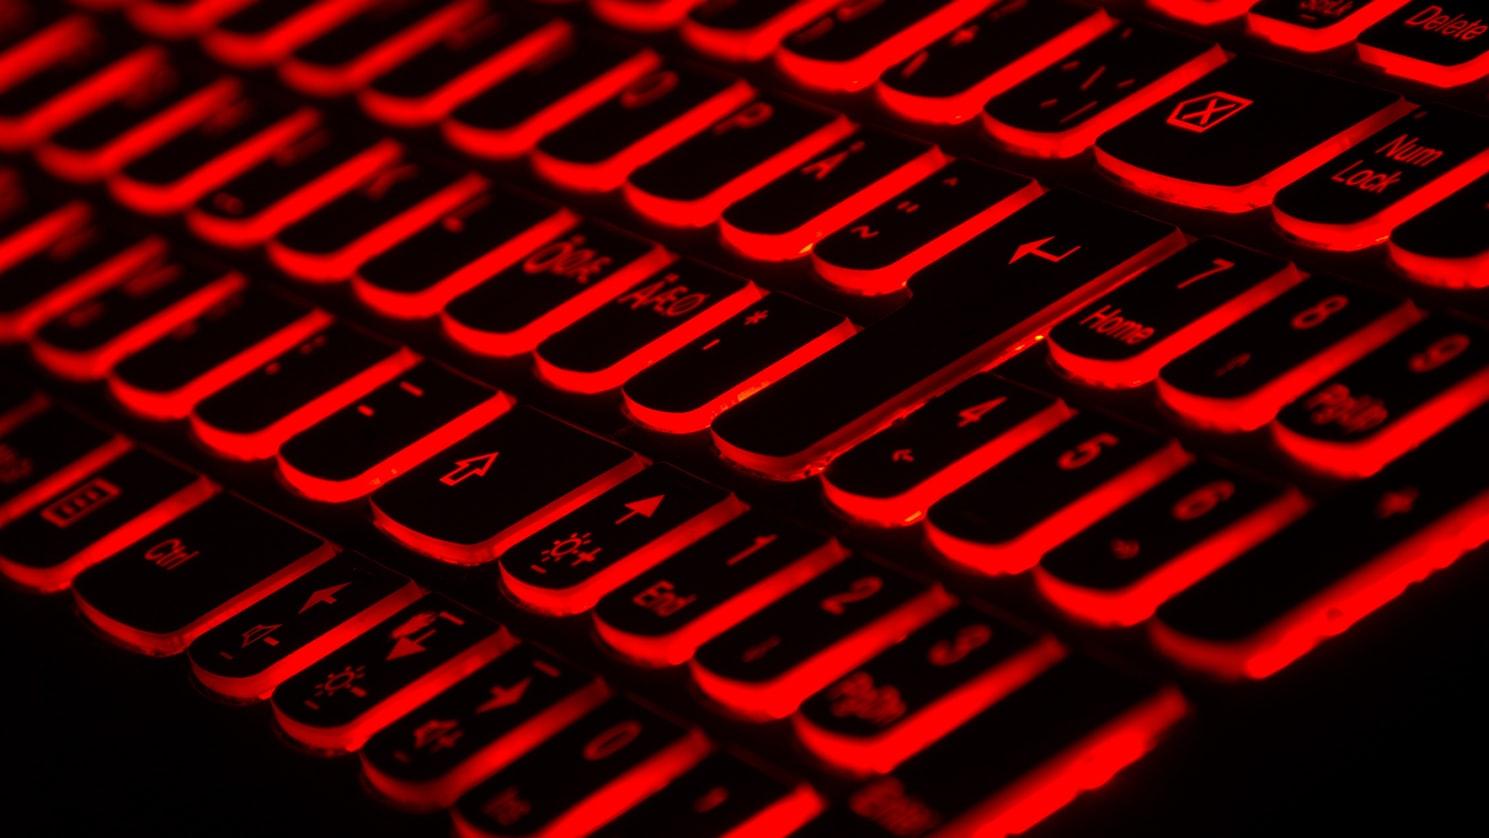 Εντοπίστηκε cryptocurrency mining botnet με πάνω από 850.000 θύματα σε 100 χώρες!